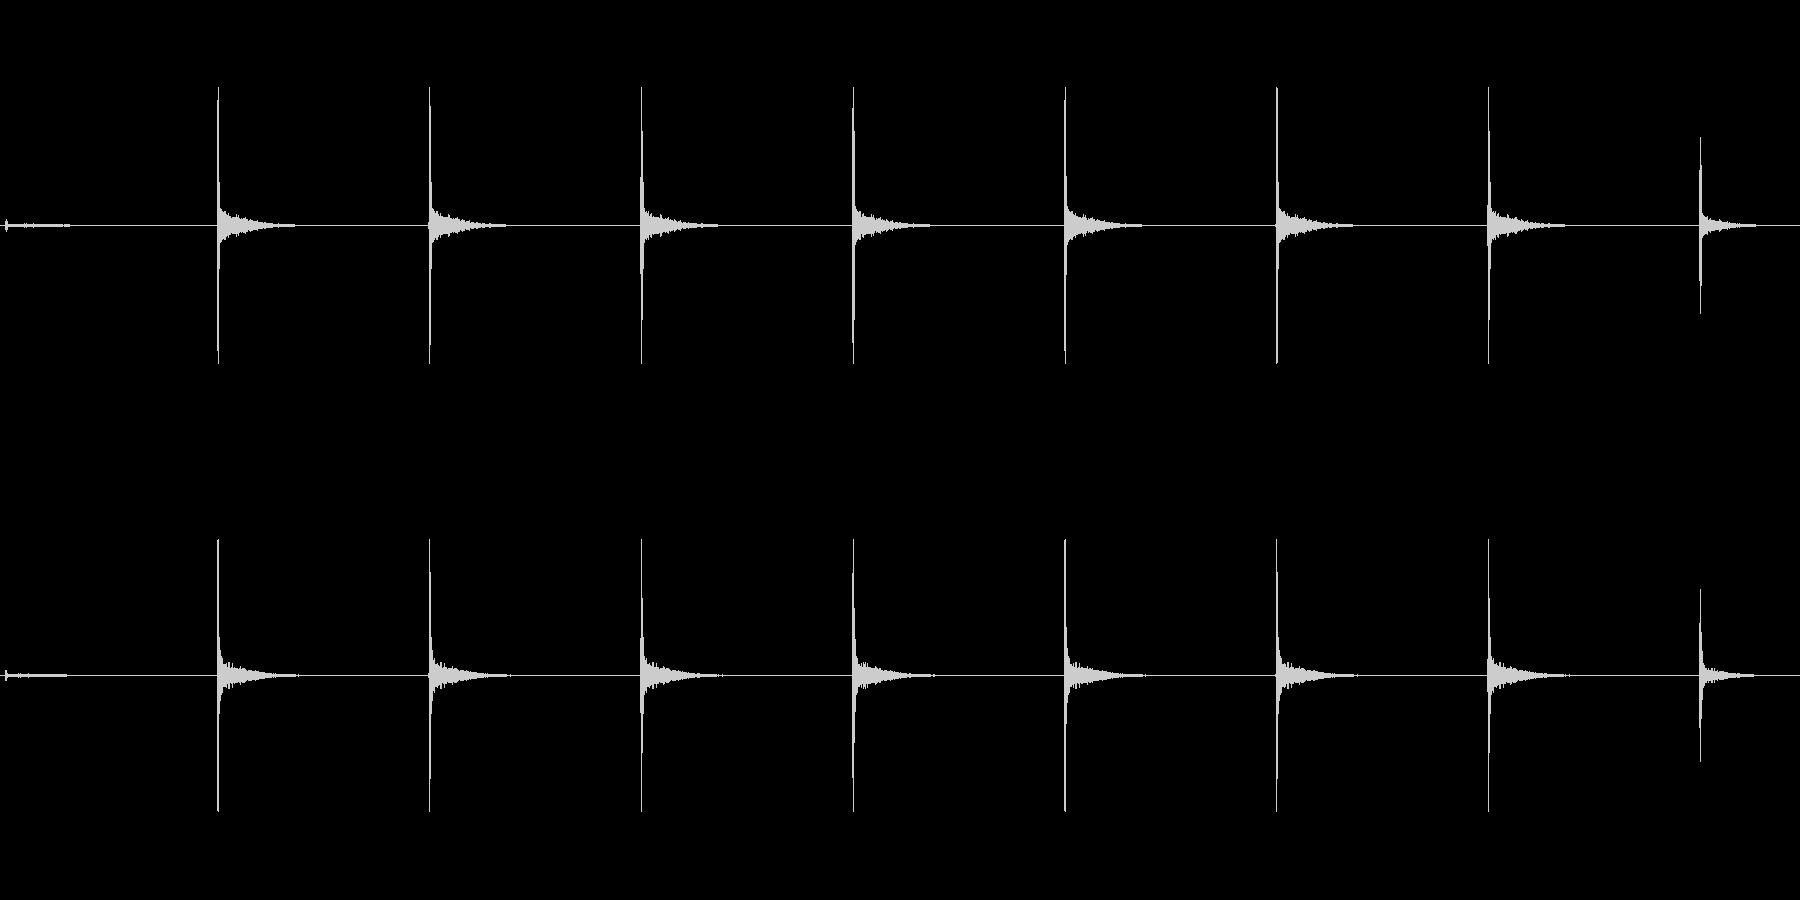 時計 ticktock_49-3_revの未再生の波形